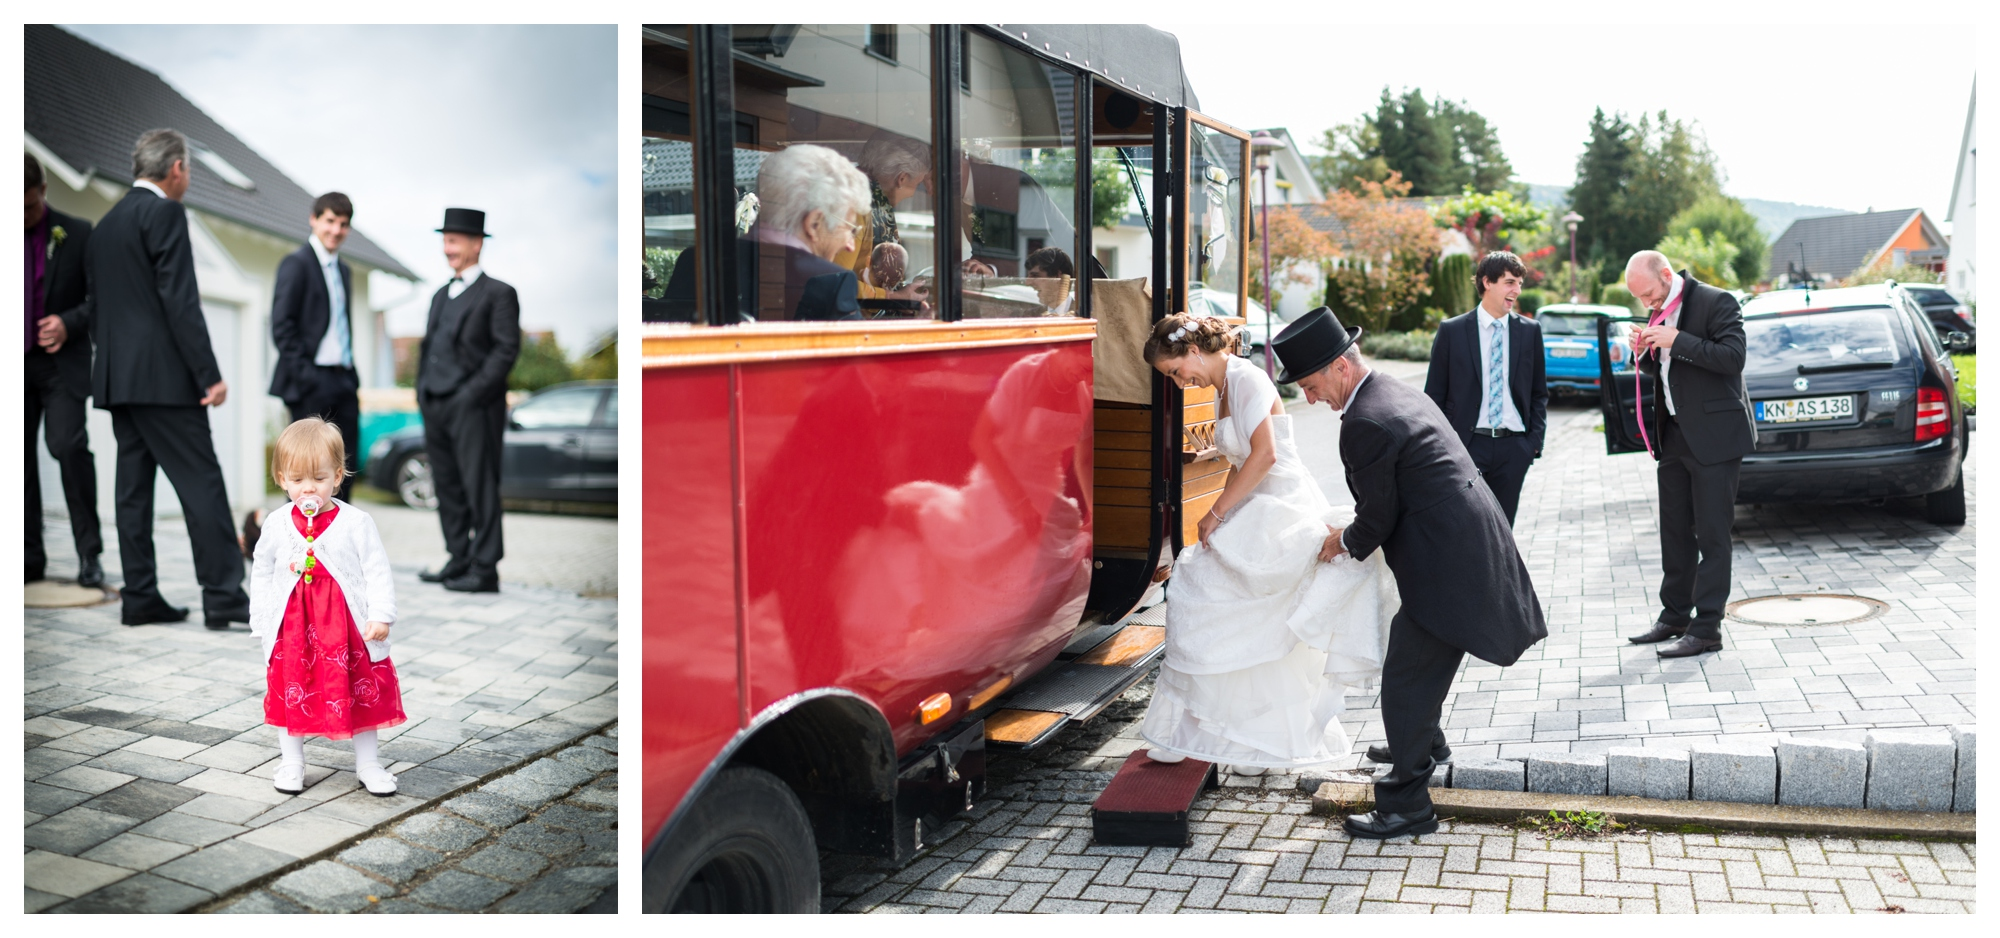 Fotograf Konstanz - 2013 12 09 0010 - Als Hochzeitsfotograf in Bad Dürrheim unterwegs  - 18 -